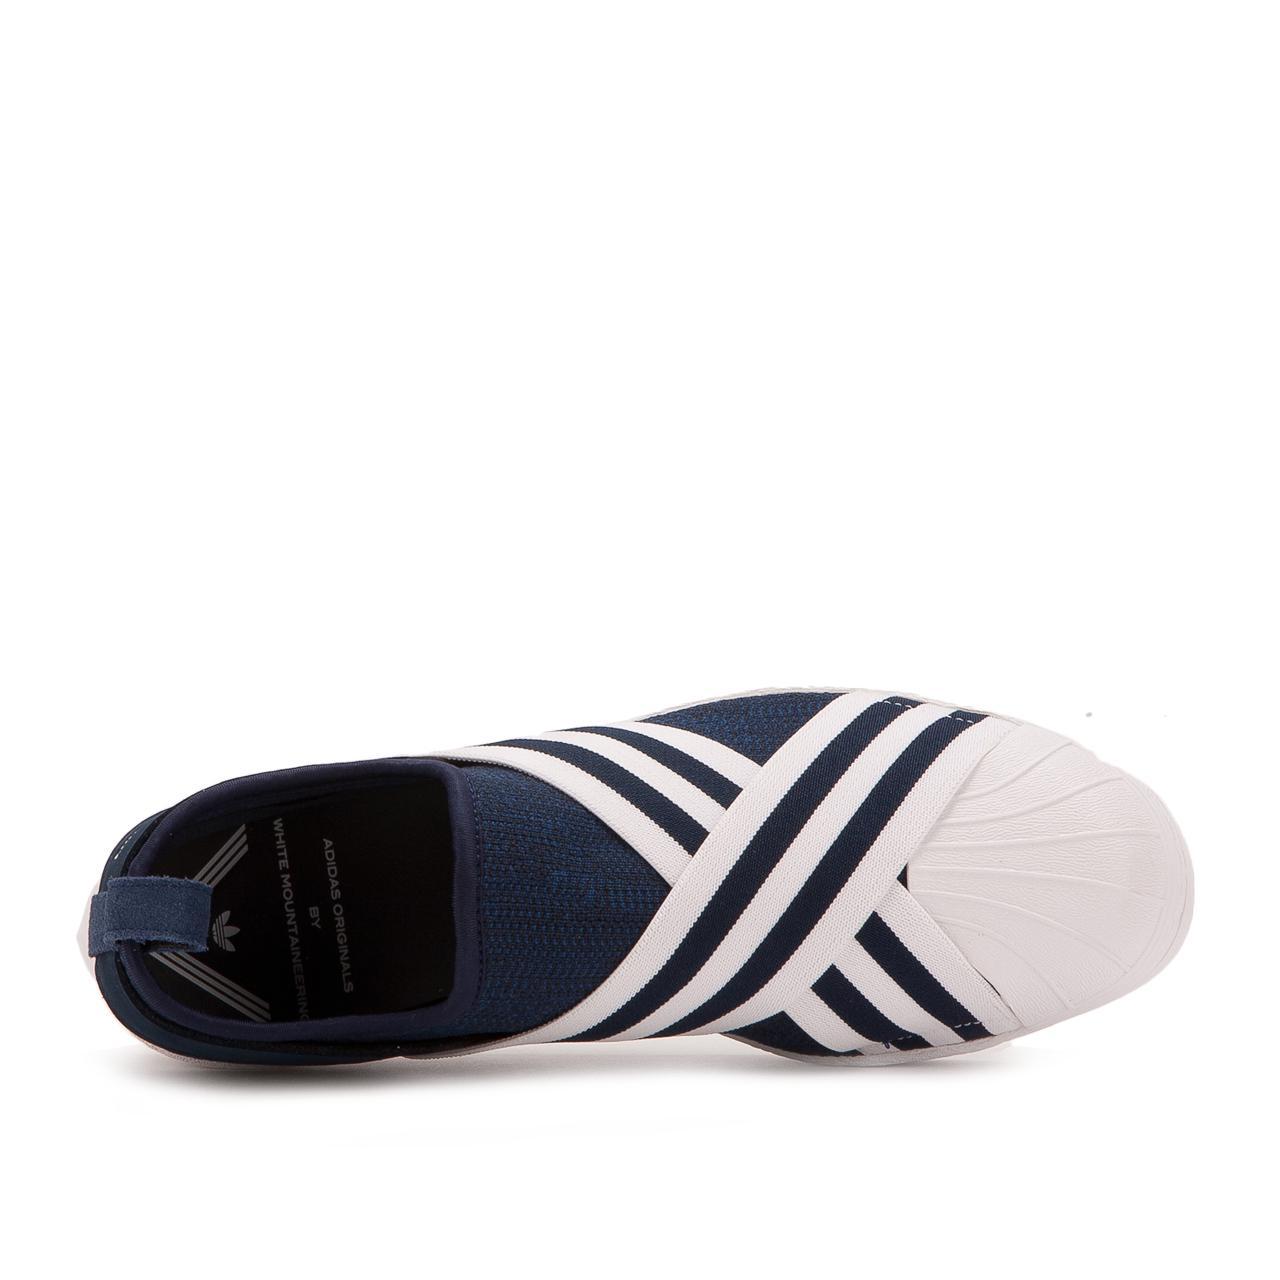 d14190c35c49 Adidas - Blue White Mountaineering Superstar Slip On for Men - Lyst. View  fullscreen